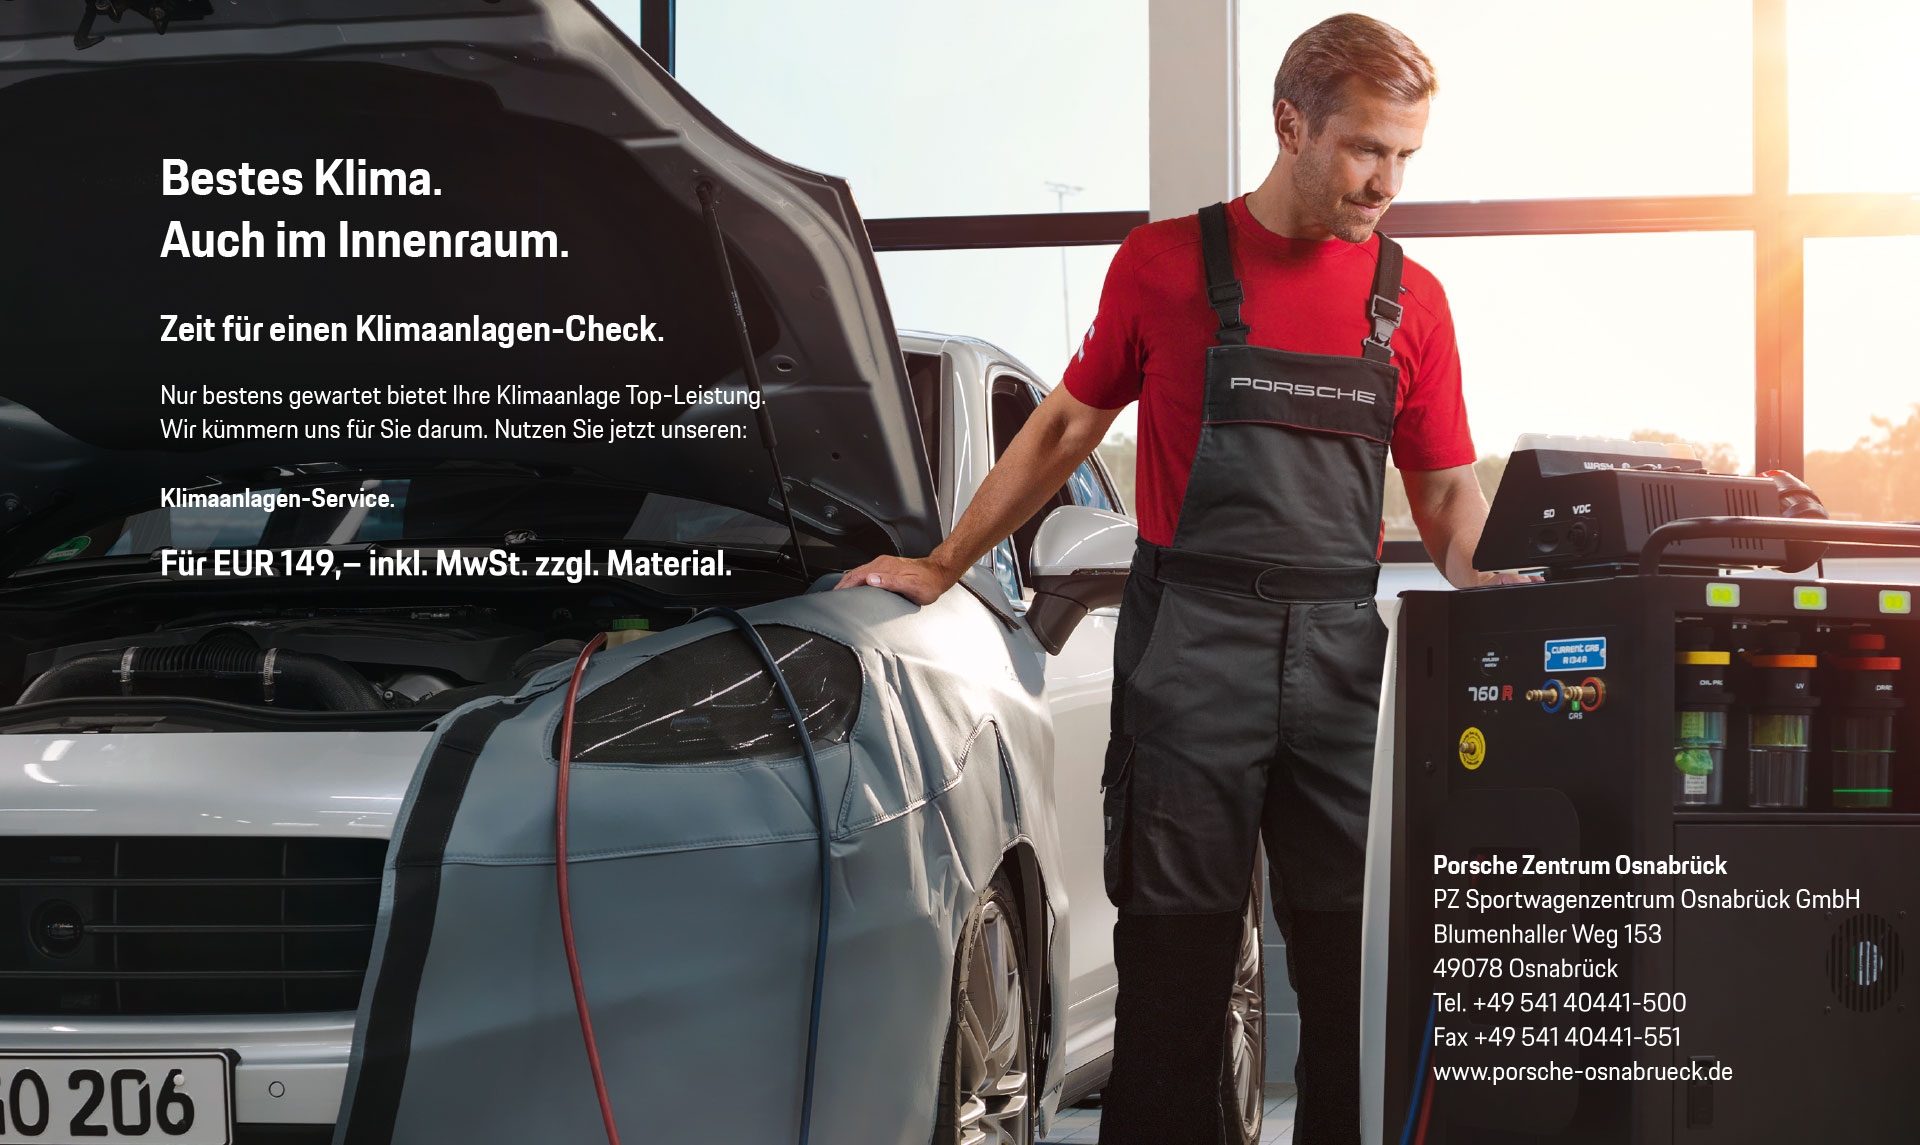 2020_05_STARKE_Angebot_Porsche_Klima